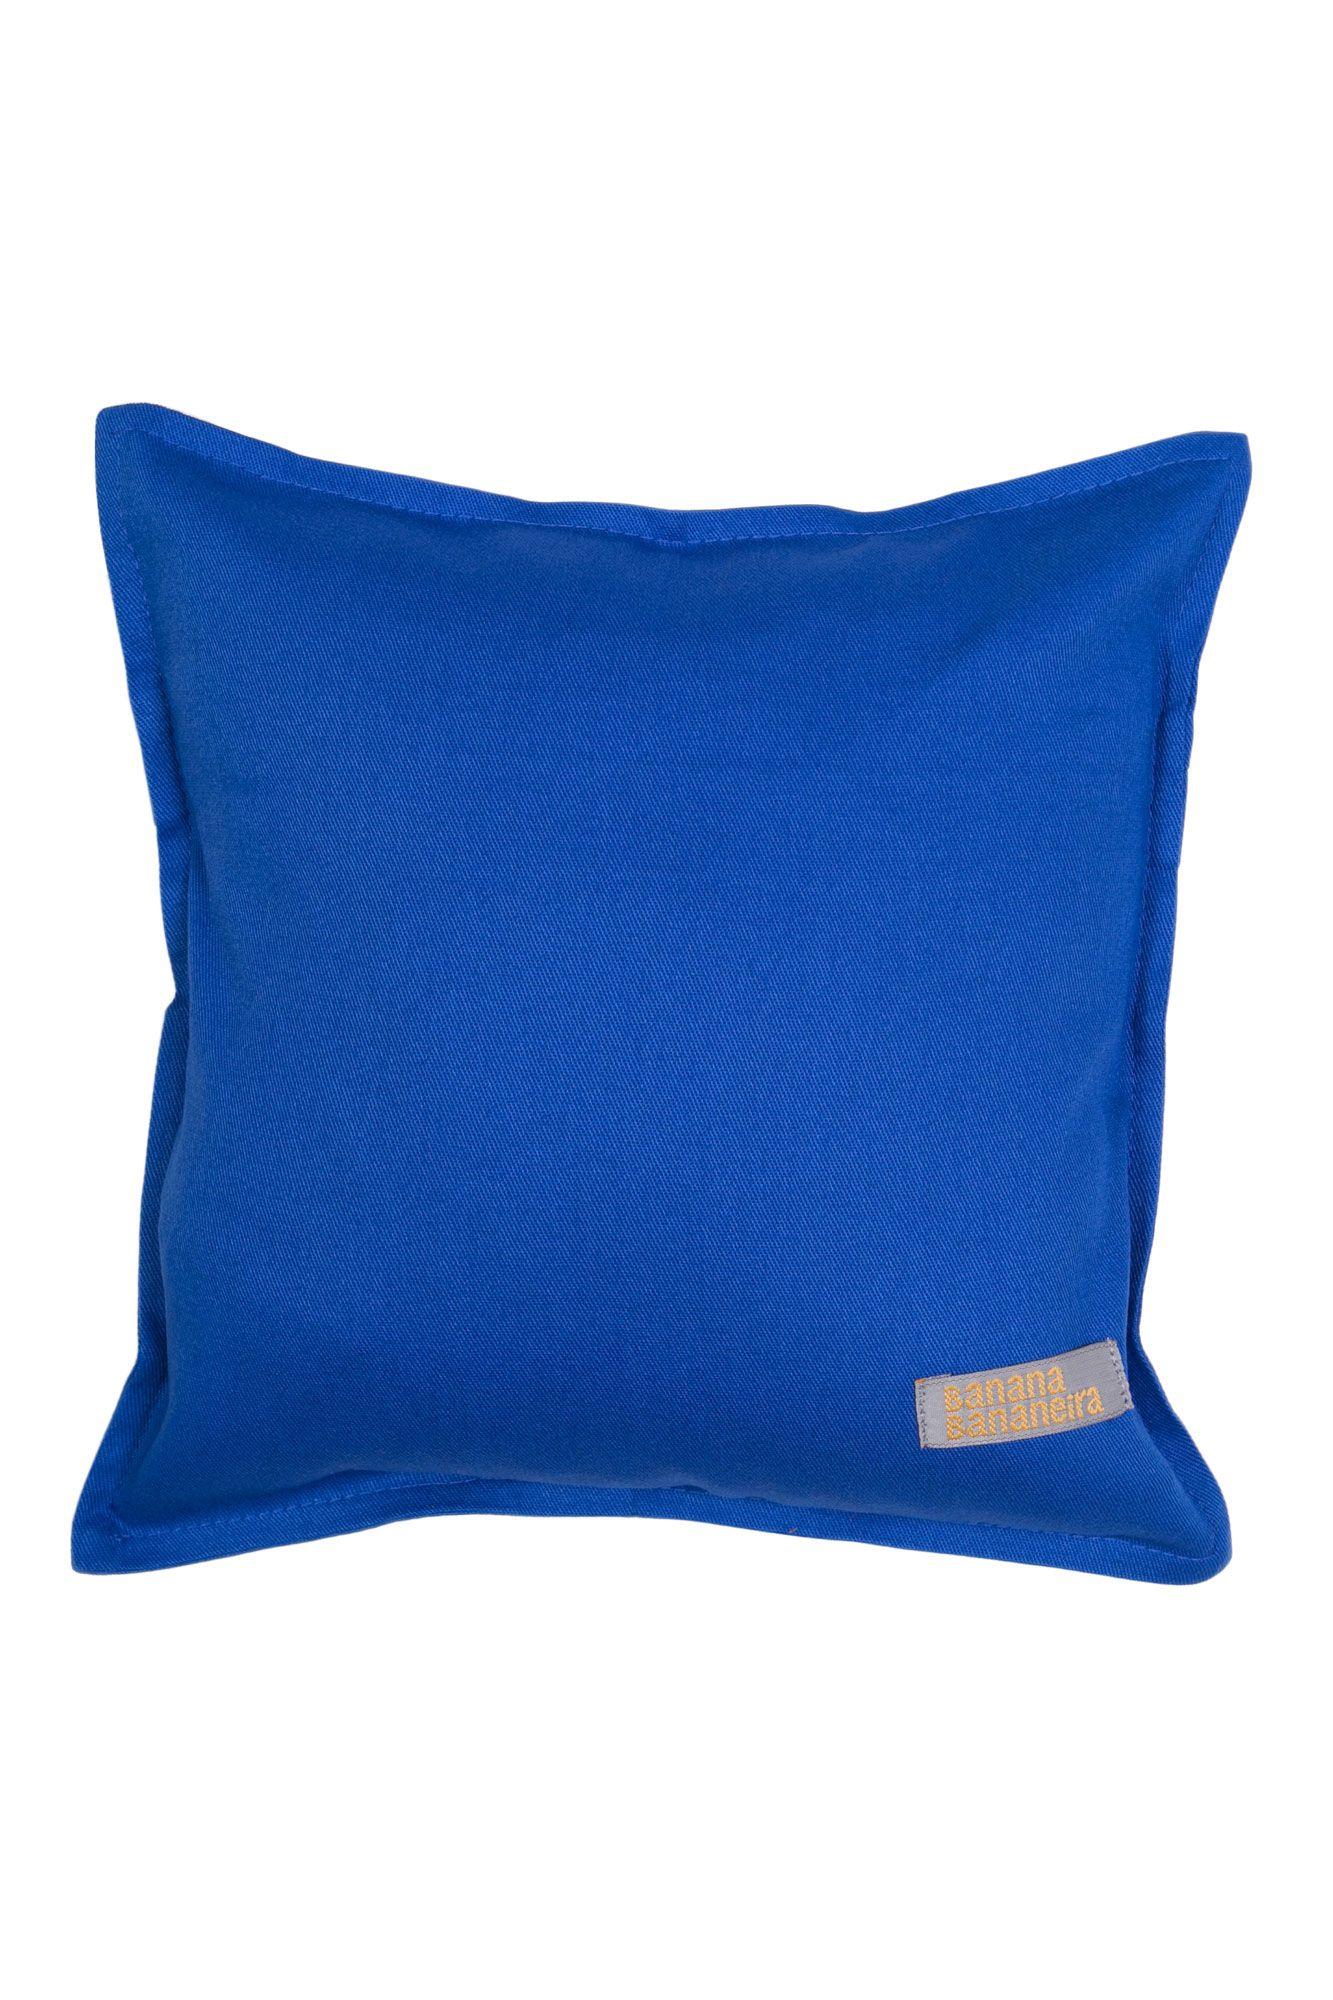 Almofada em pesponto 25 cm x 25 cm azul royal